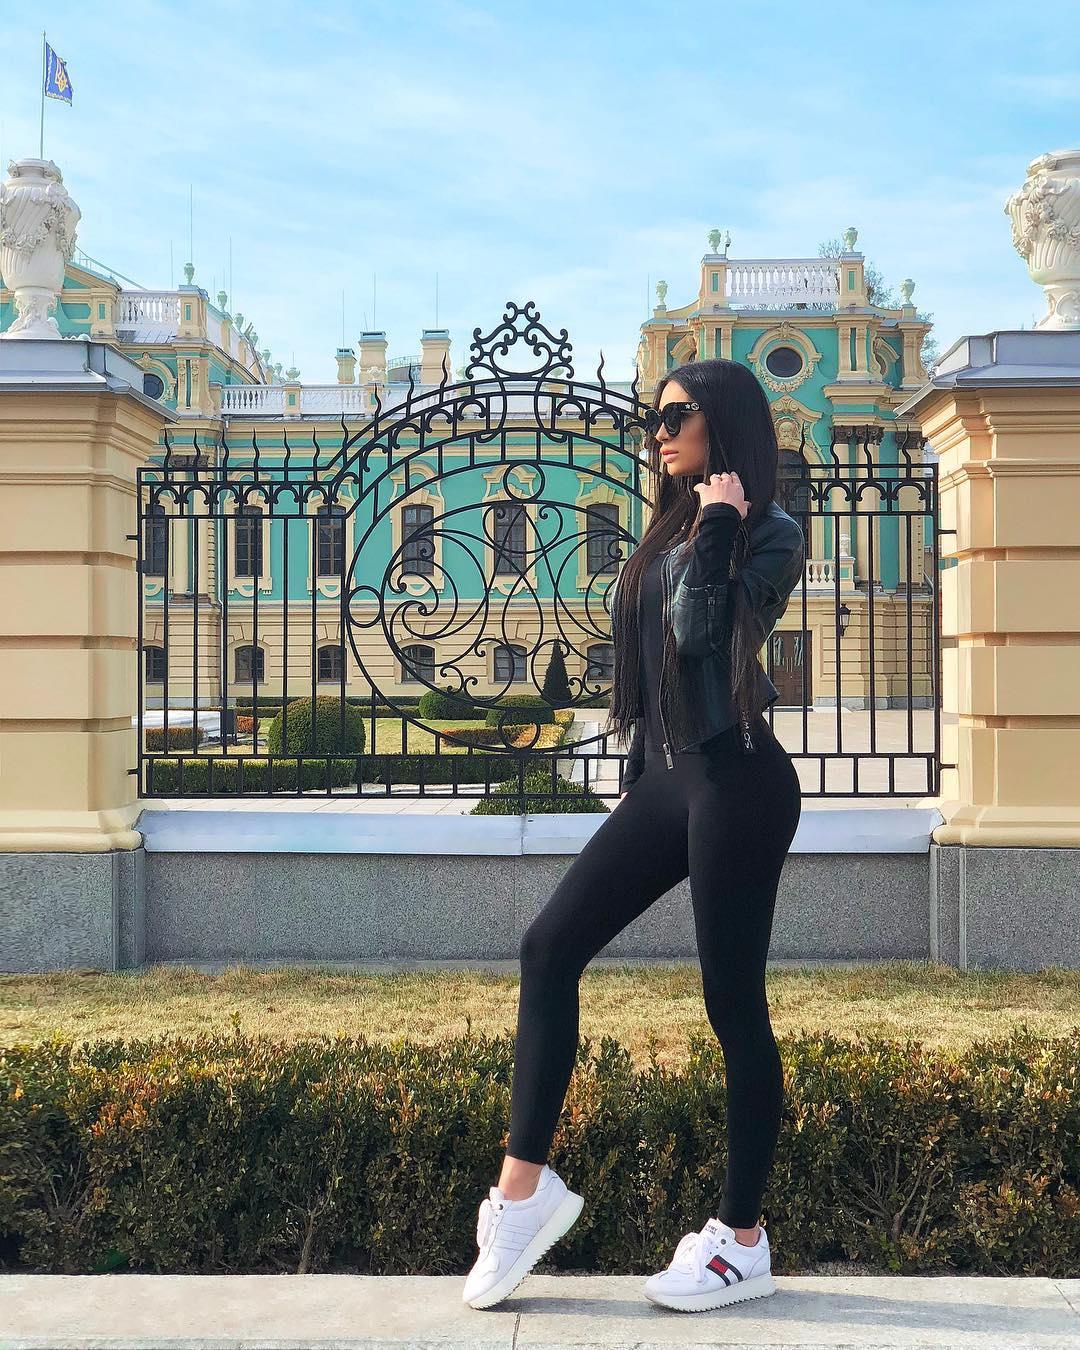 Annet-Elizarova-Wallpapers-Insta-Fit-Bio-4